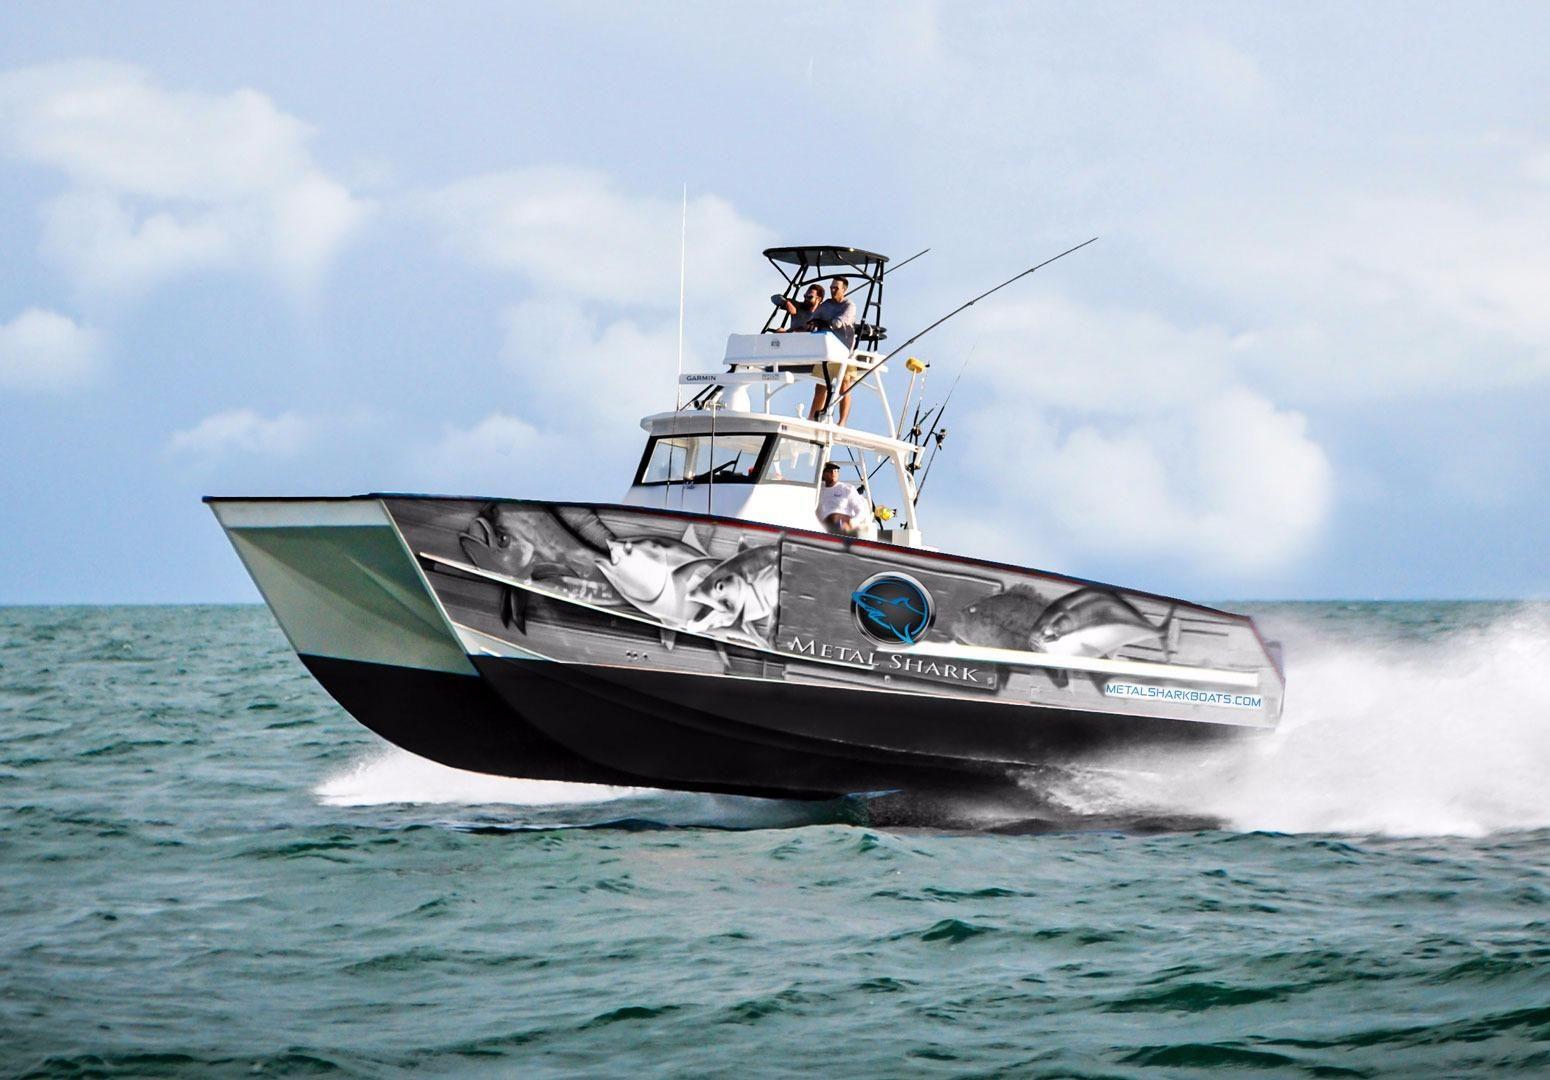 2017 Metal Shark 40 Catamaran Power Boat For Sale - www ...